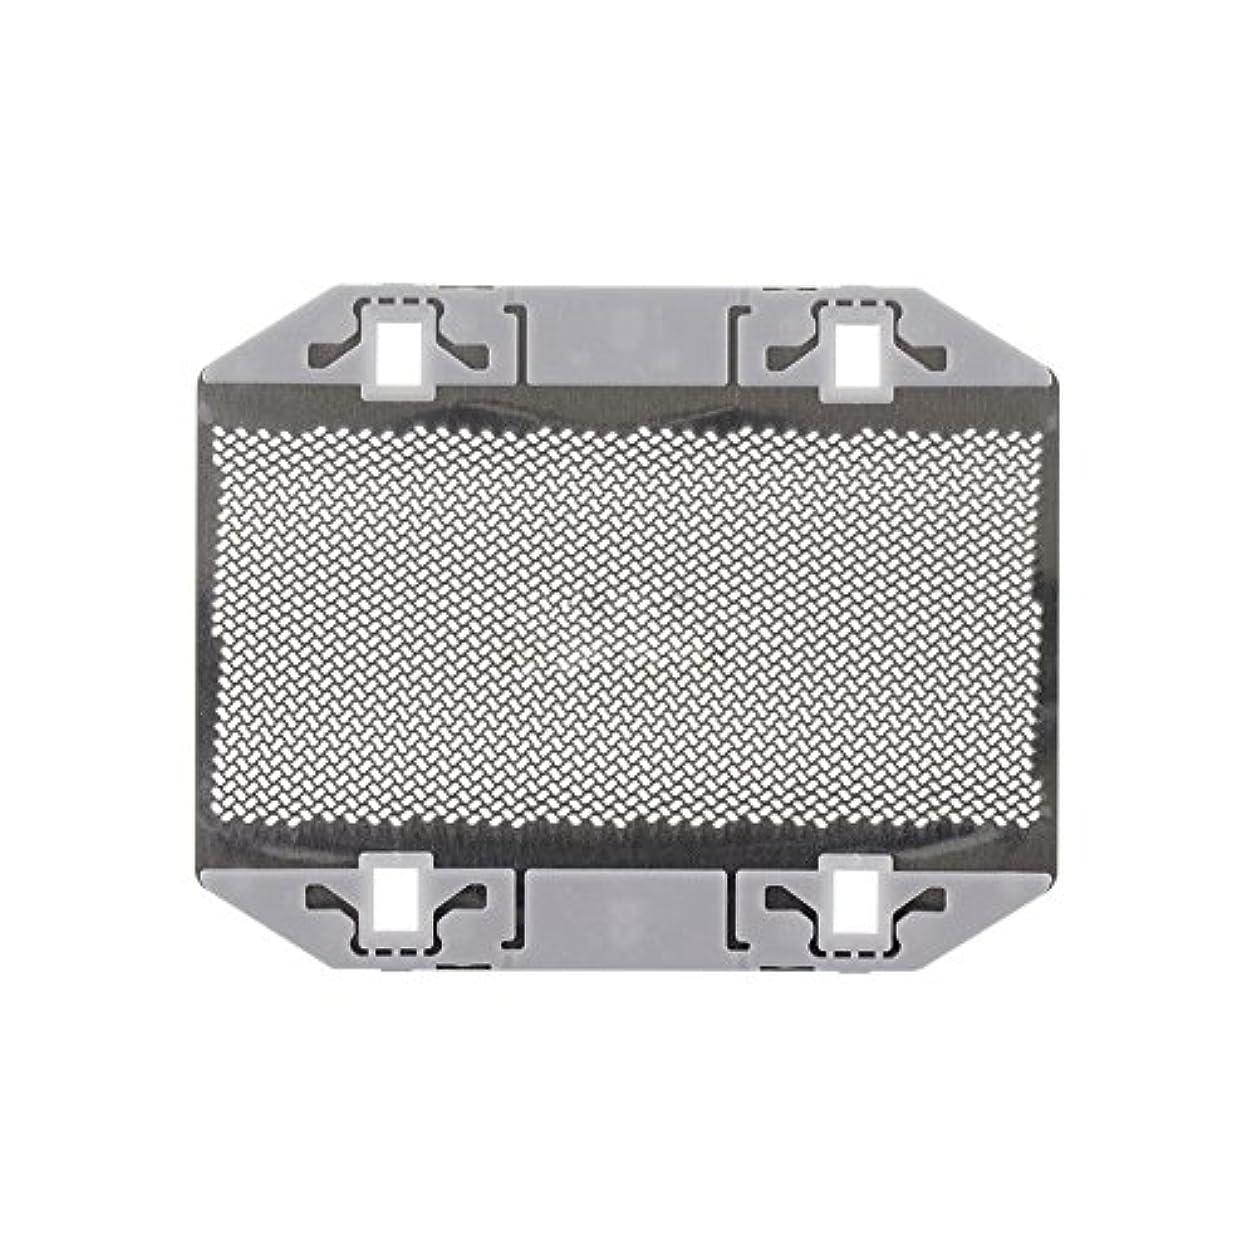 担保ブランド名送るJuleyaing シェーバー用品 回転式シェーバー 部品 外刃 替刃 交代品 for Panasonic ES9943 ES3042 ES3801 ES3750 ES365 ES366